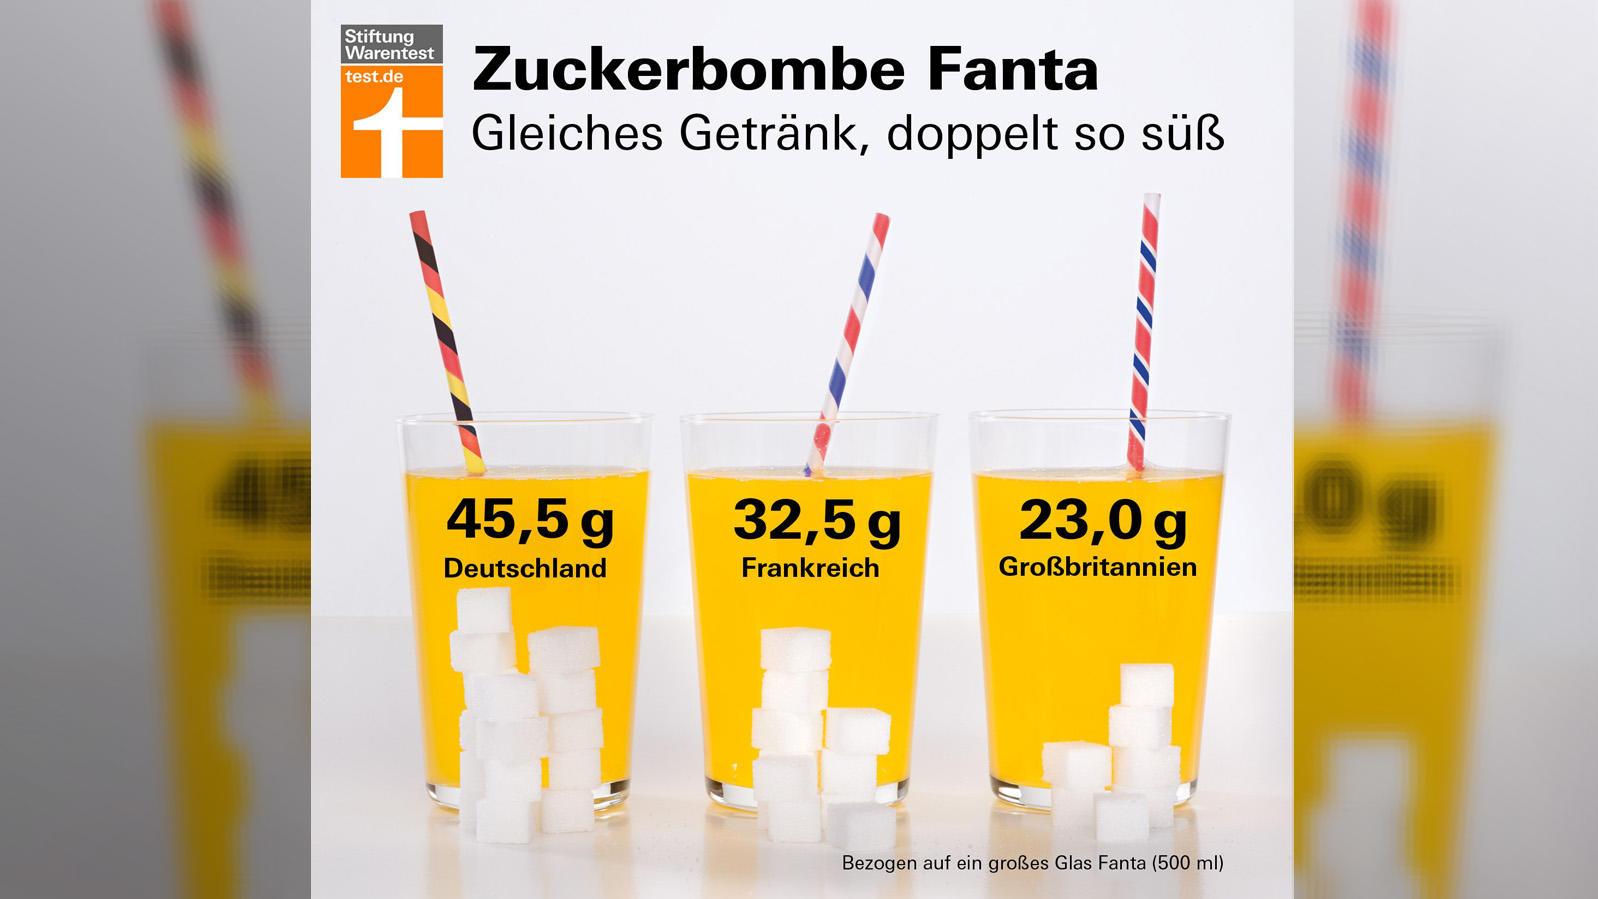 Diese Grafik teilte die Stiftung Warentest auf ihrer Facebook-Seite.